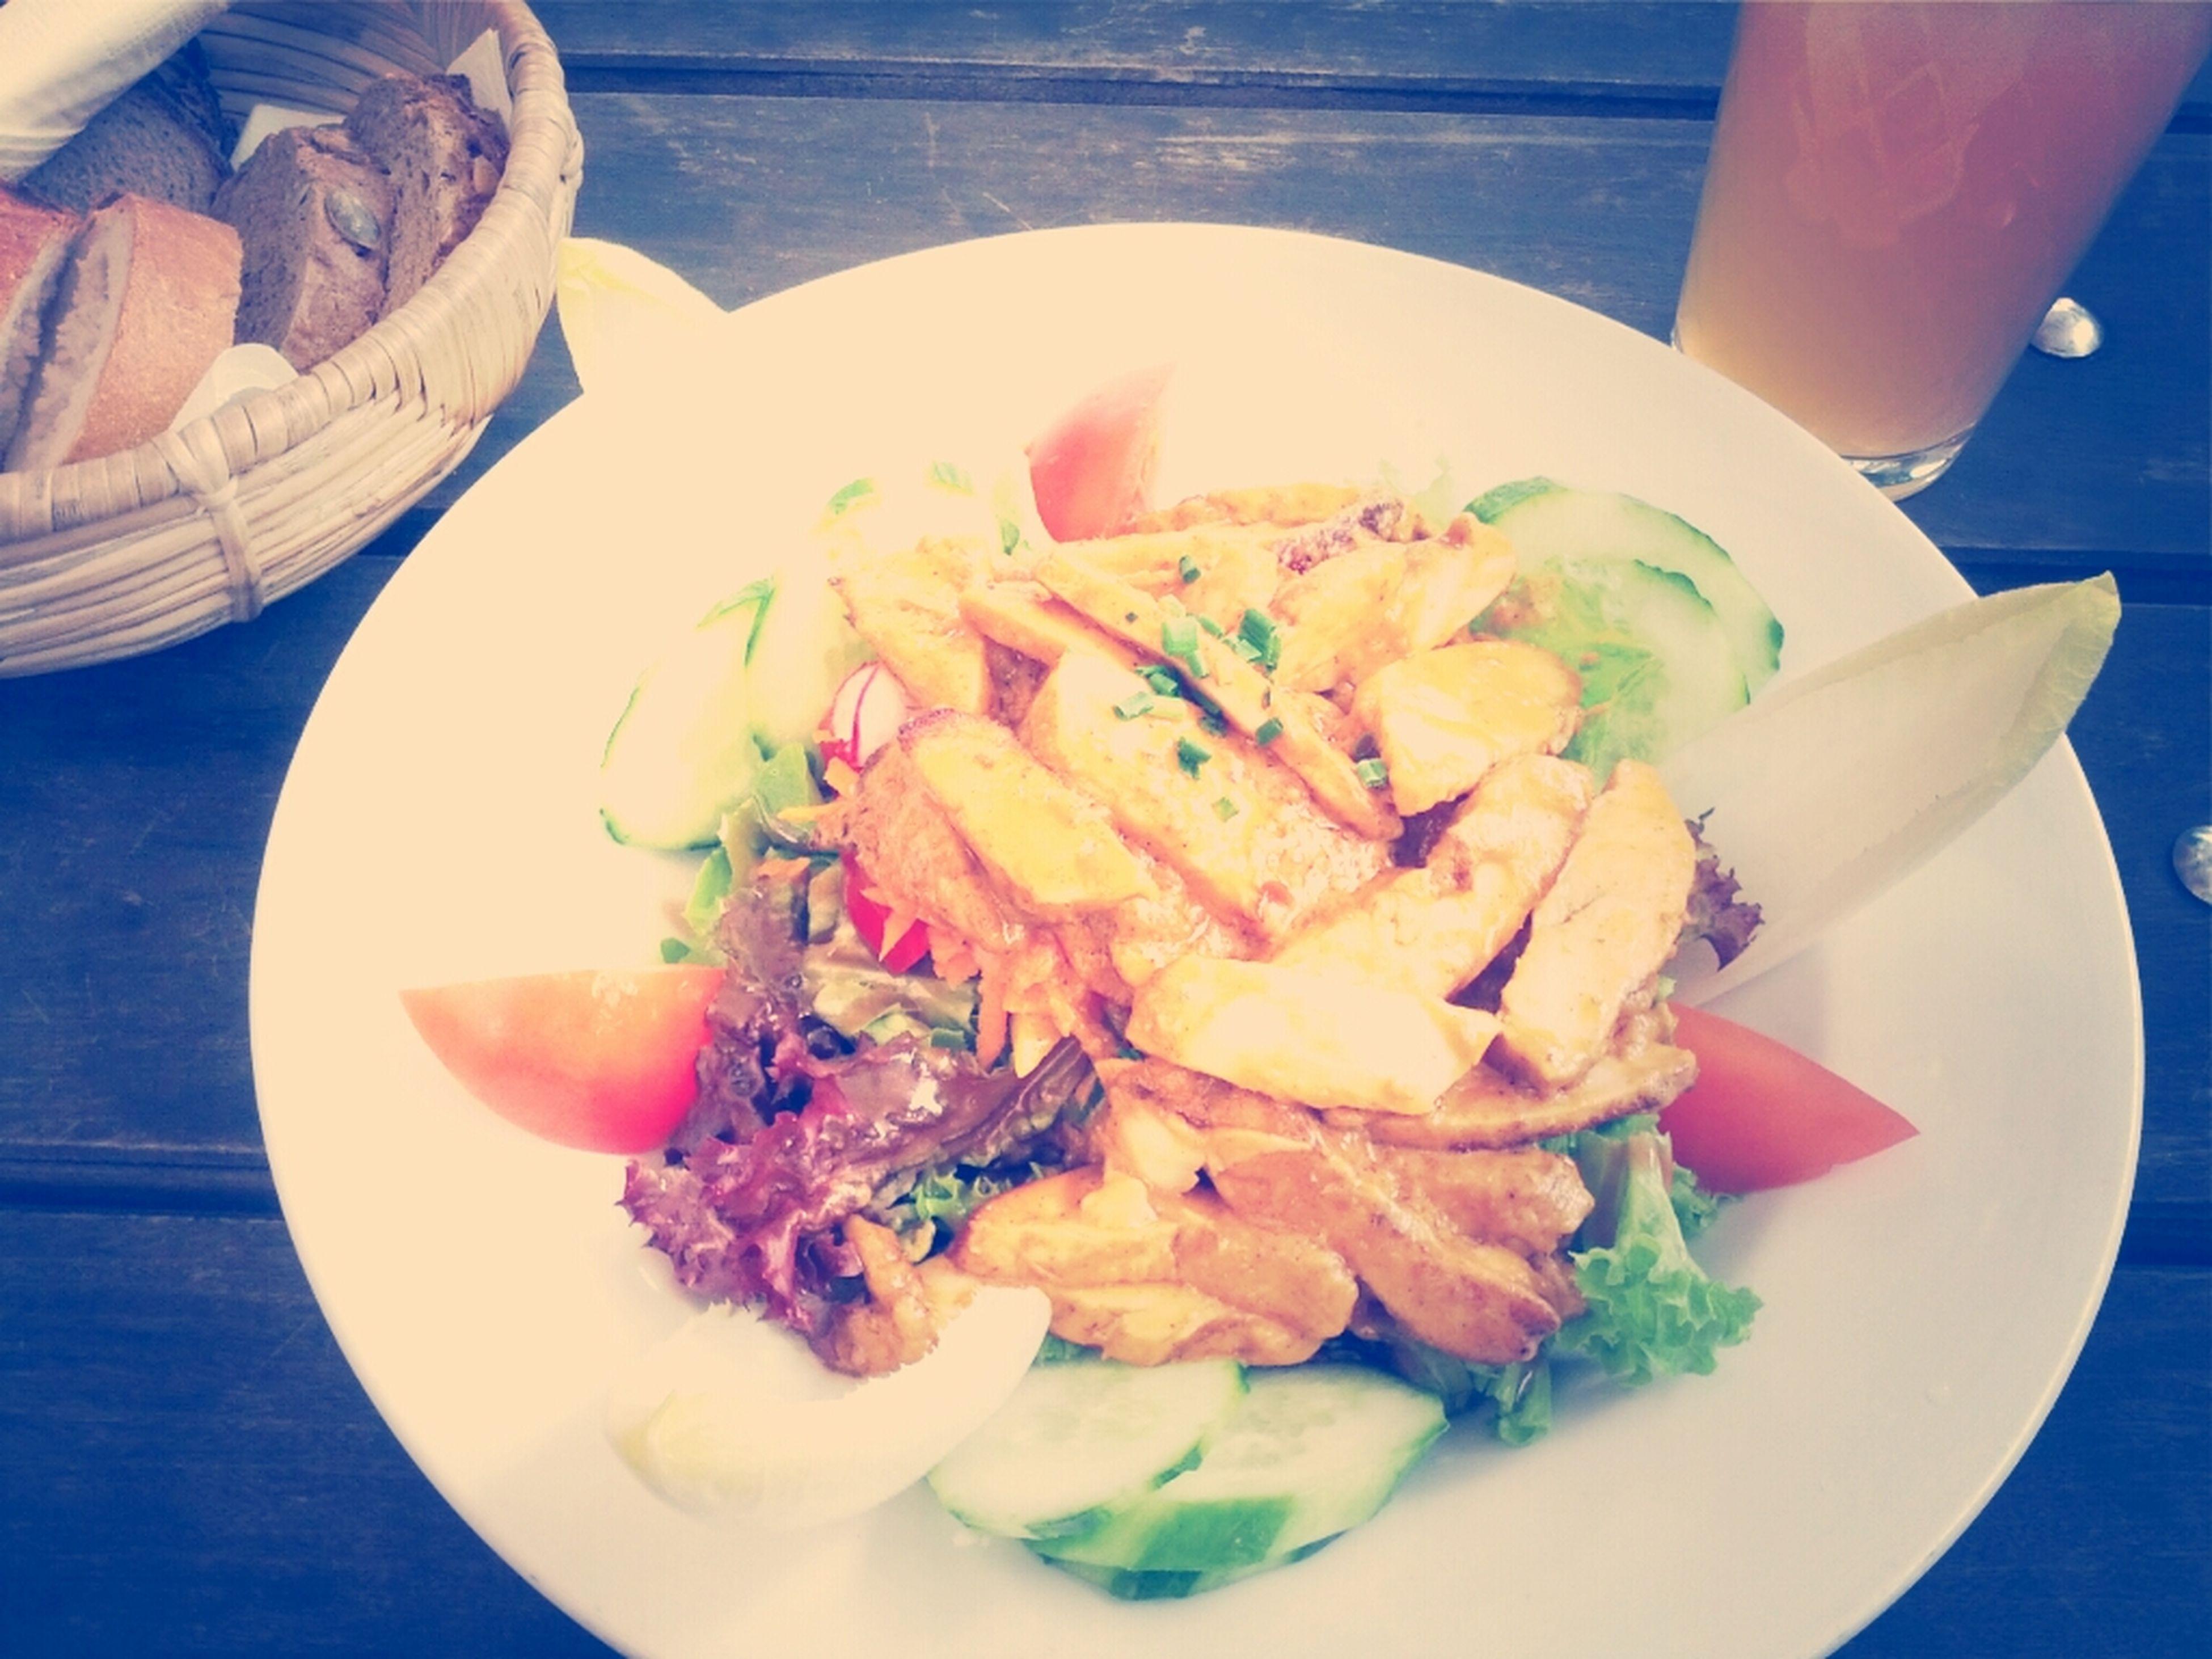 Having Lunch